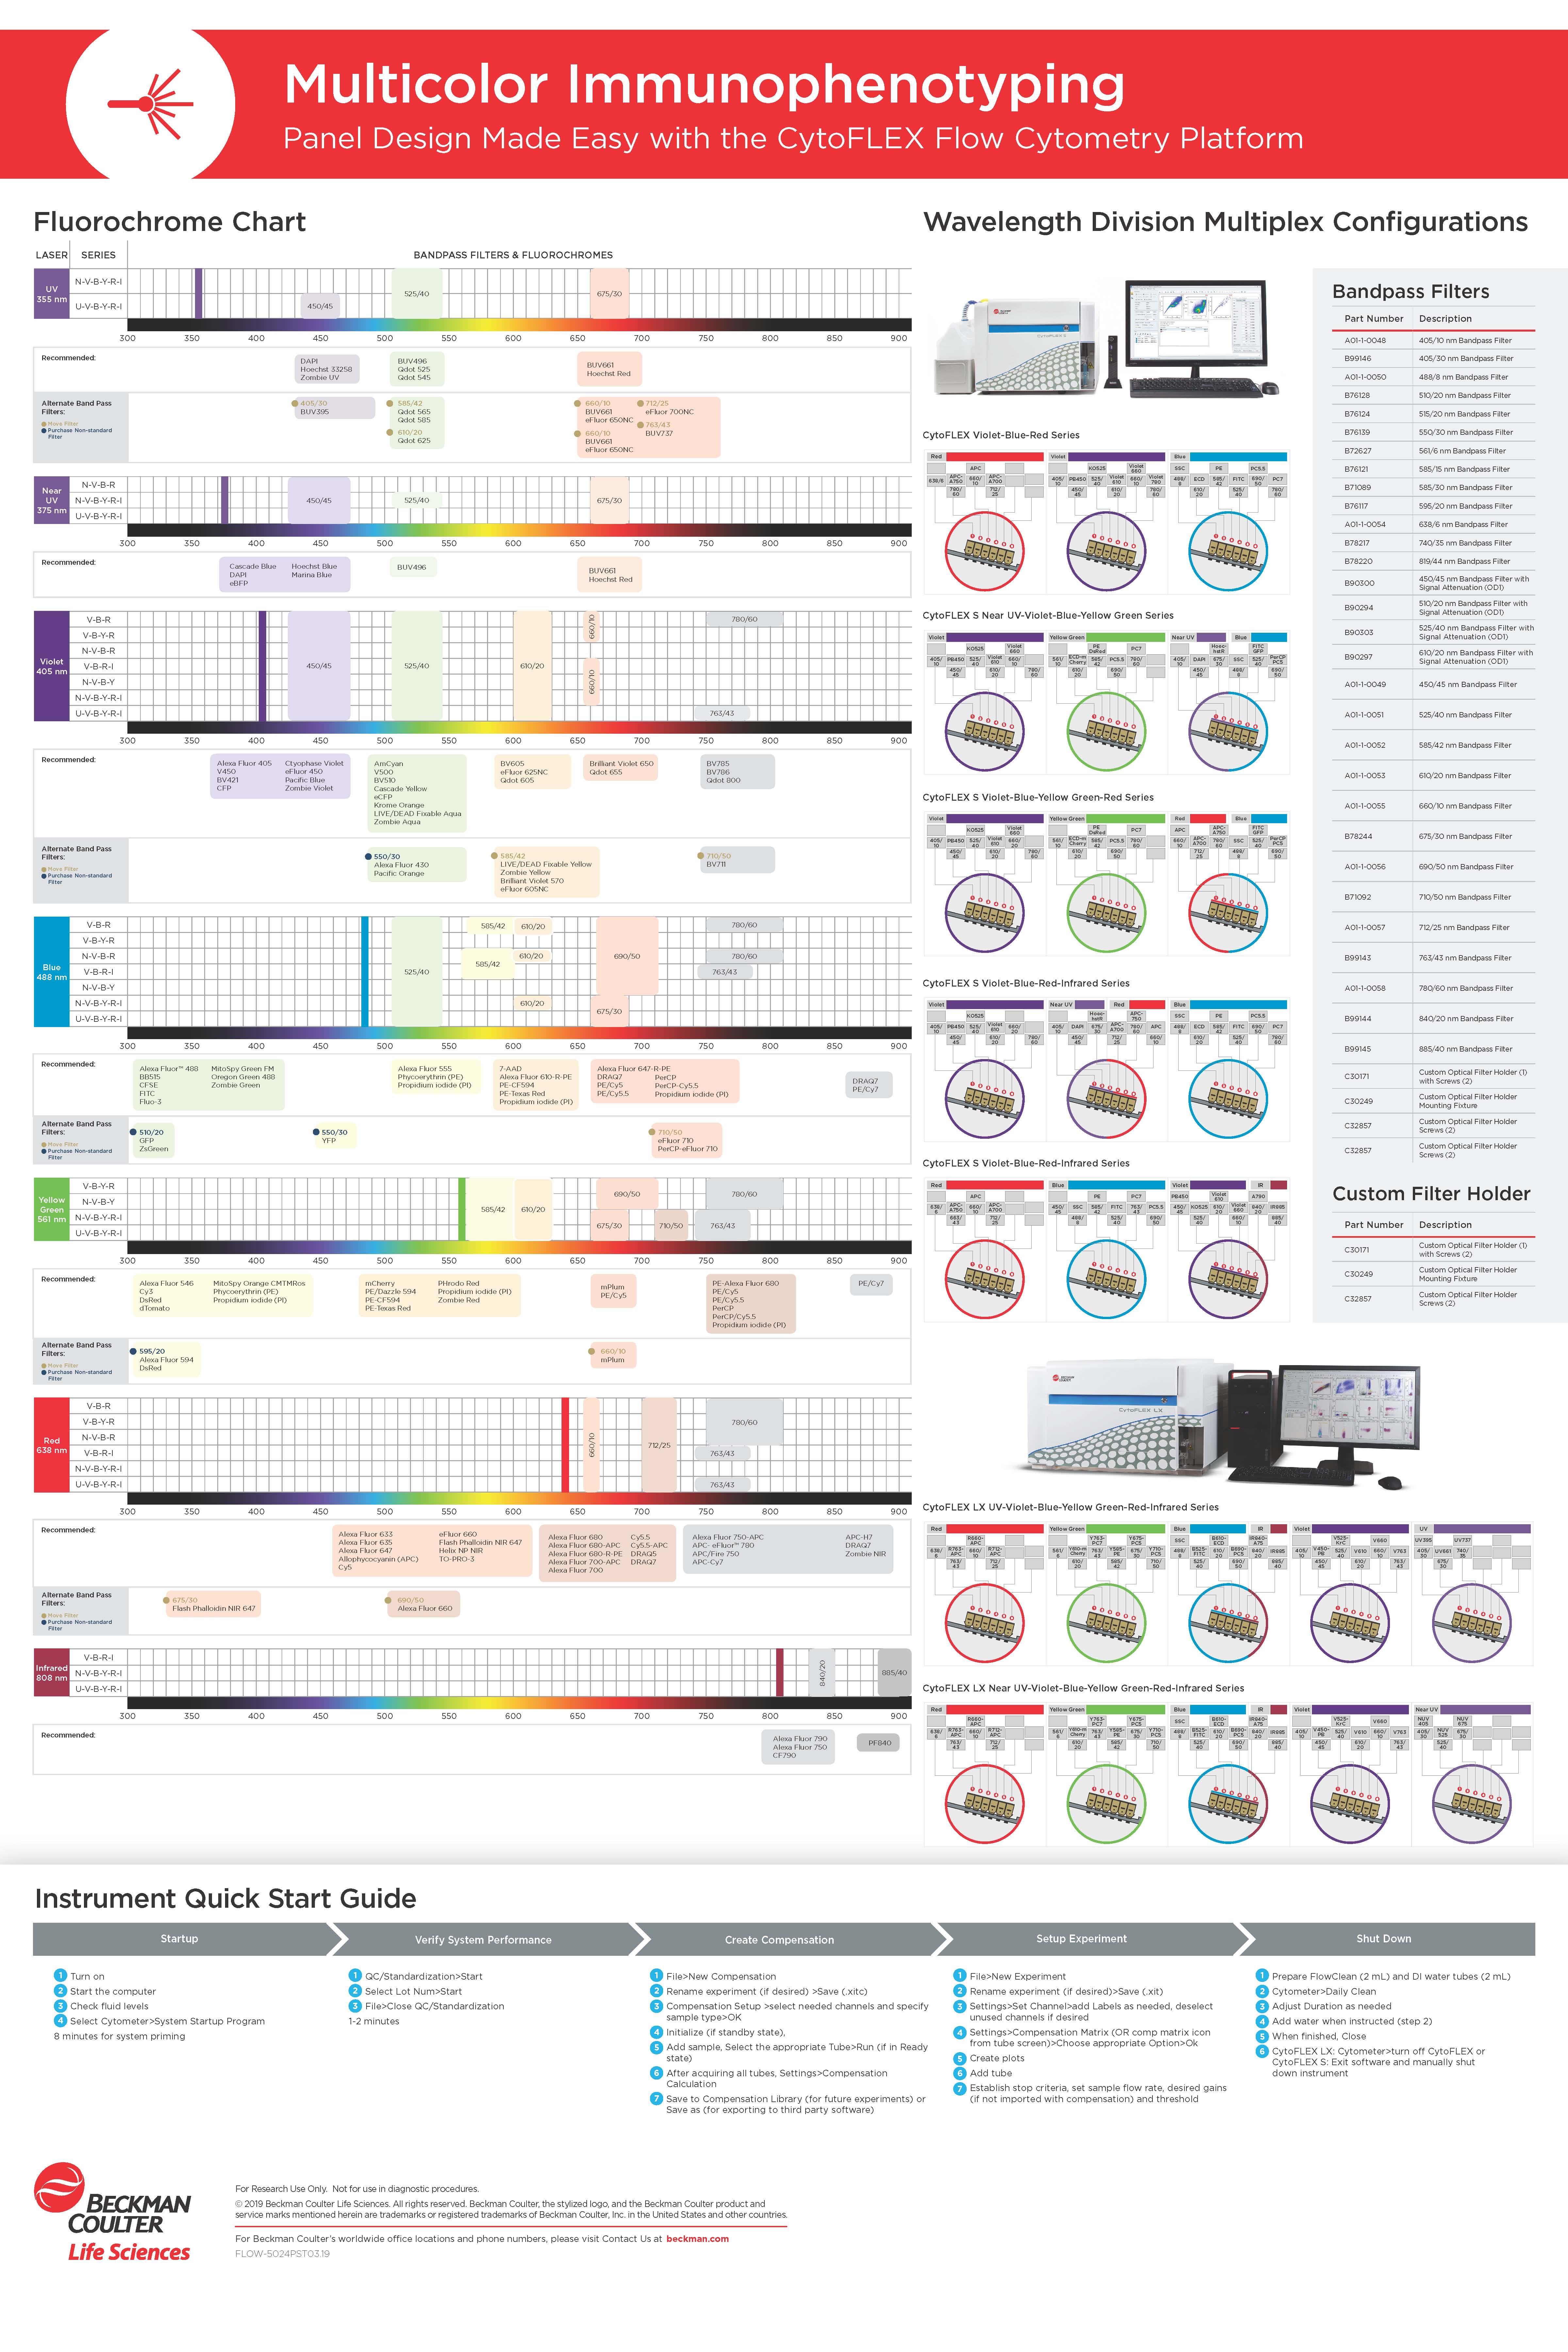 Vorschau der Fluorochrom-Tabelle